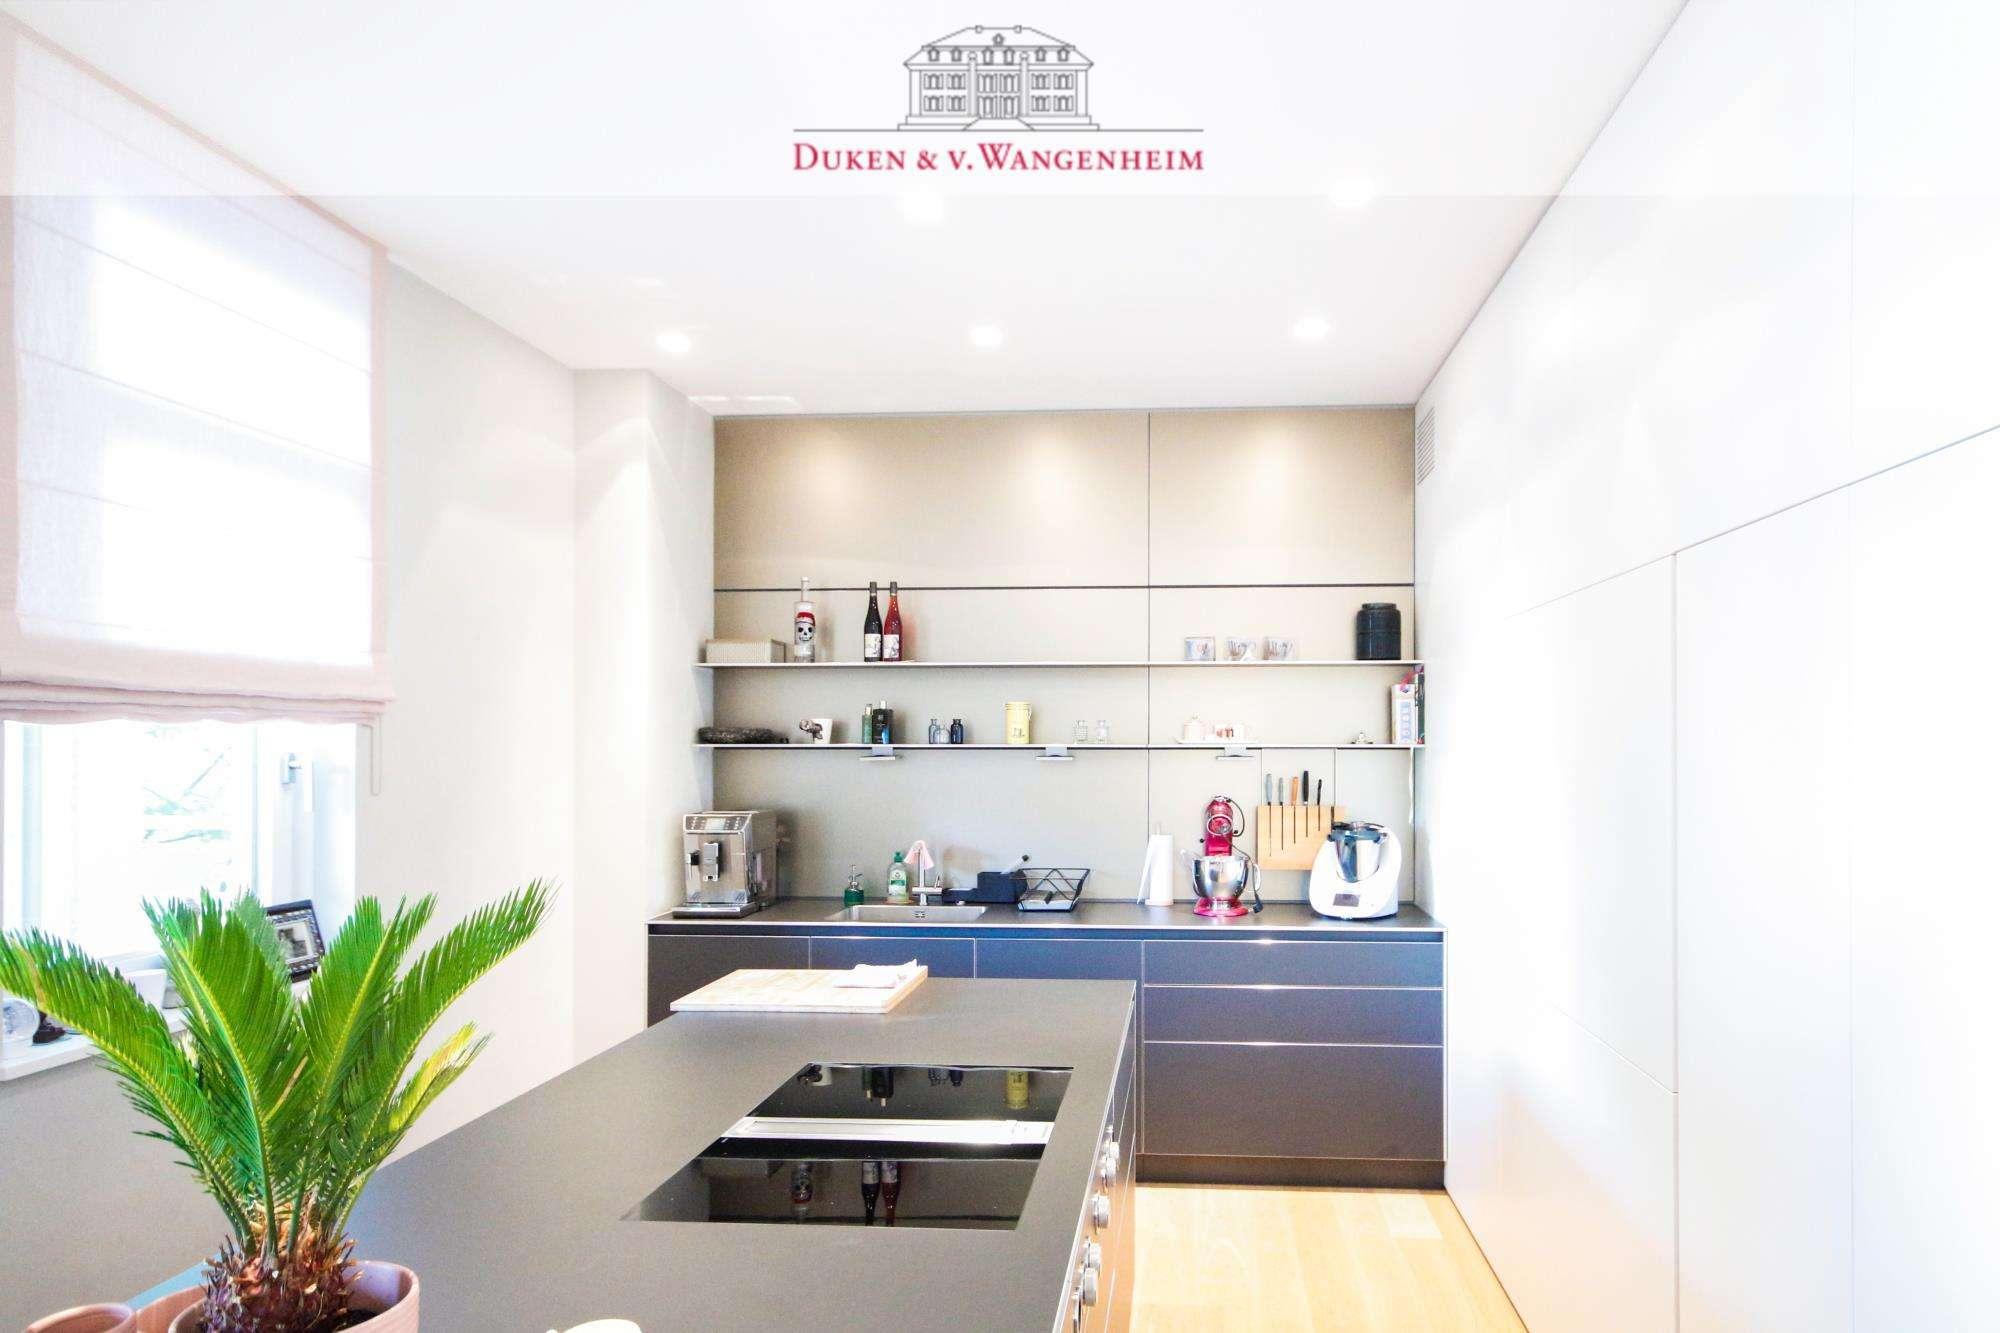 Luxuriöse 5-Zimmer-Wohnung direkt am Englischen Garten und am Eisbach gelegen in Lehel (München)